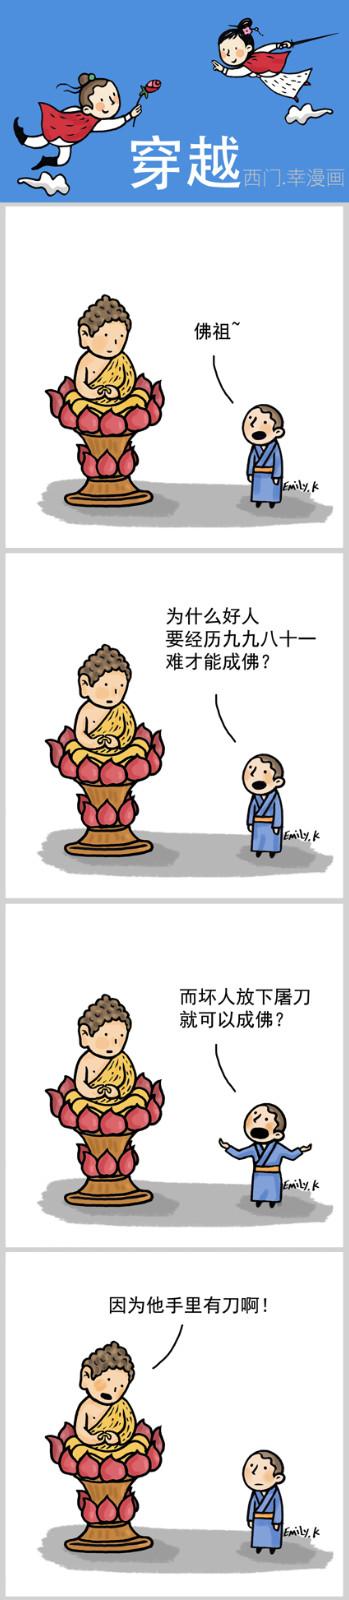 【邝幸漫畫】为什么?为什么?_图1-1